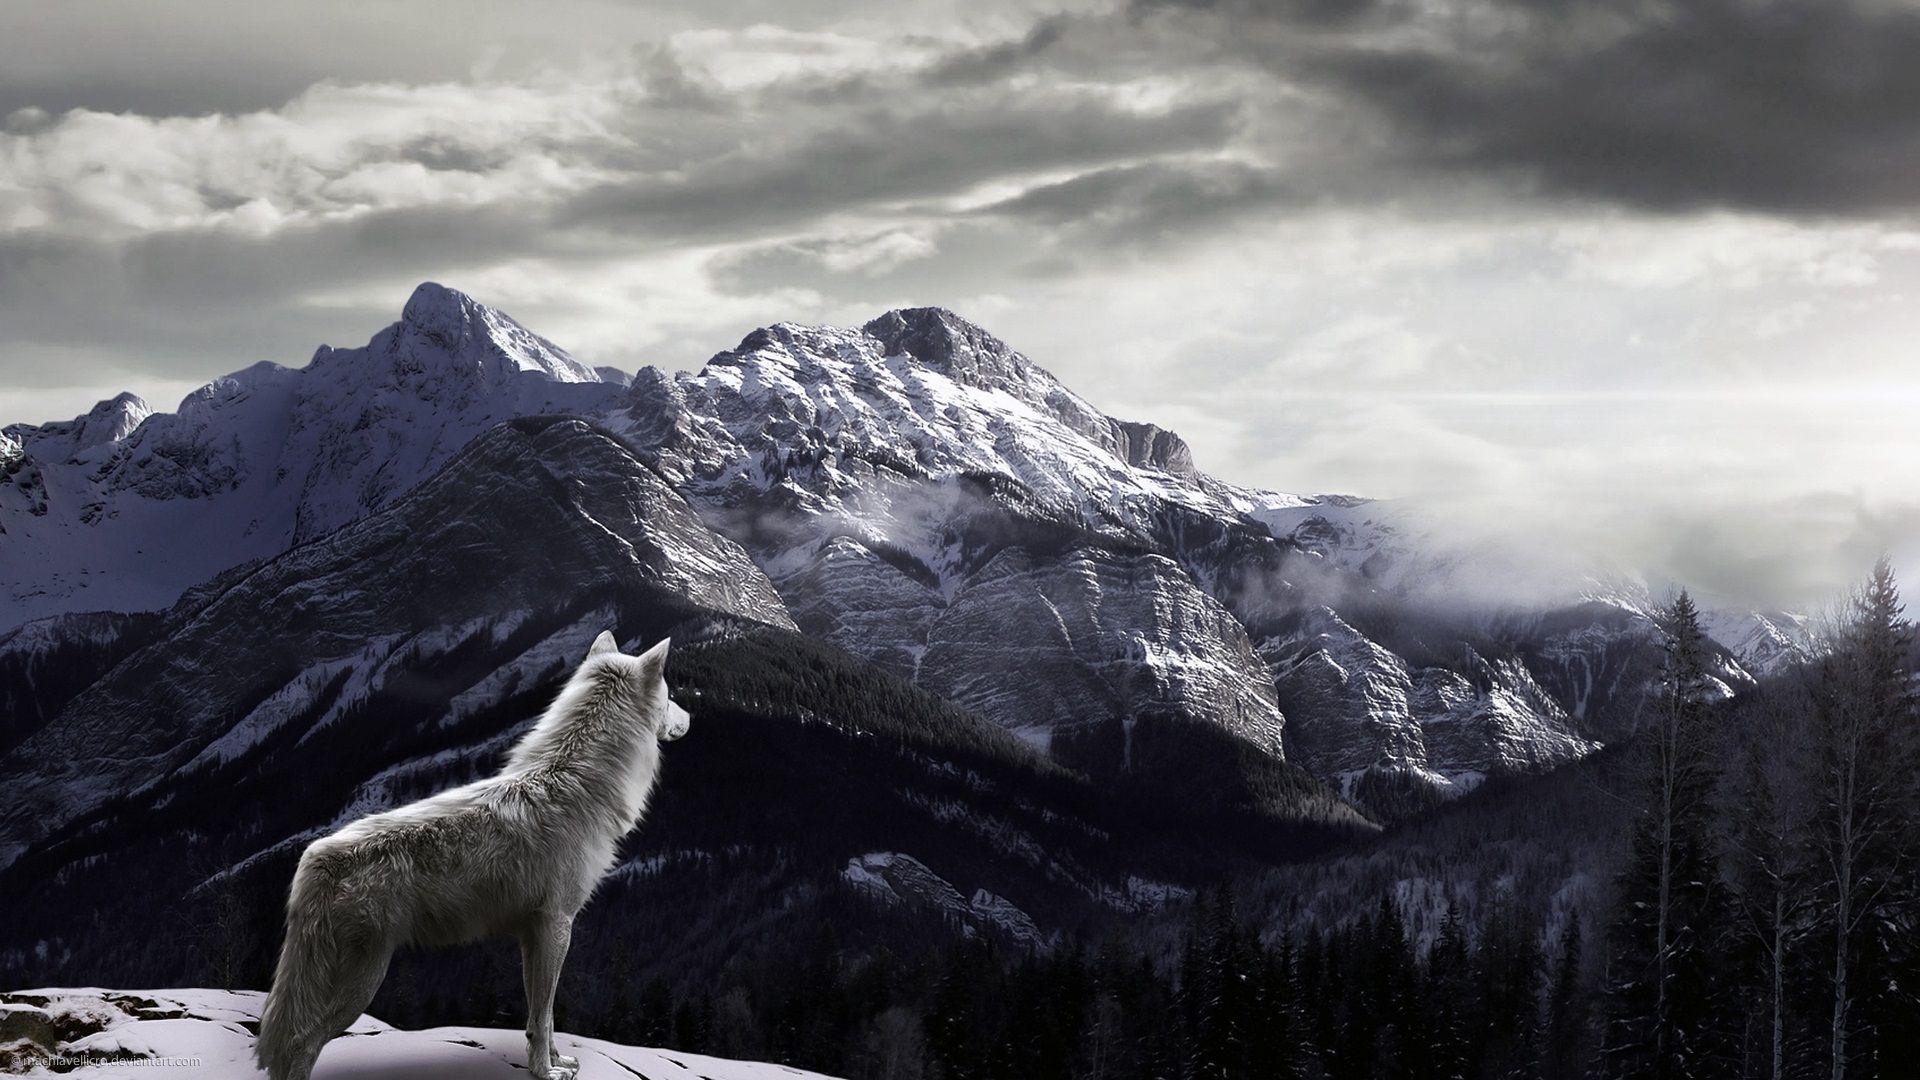 Best Wallpaper High Resolution Wolf - 5151b1a618e8c9107630718971ce0291  Collection_64682.jpg